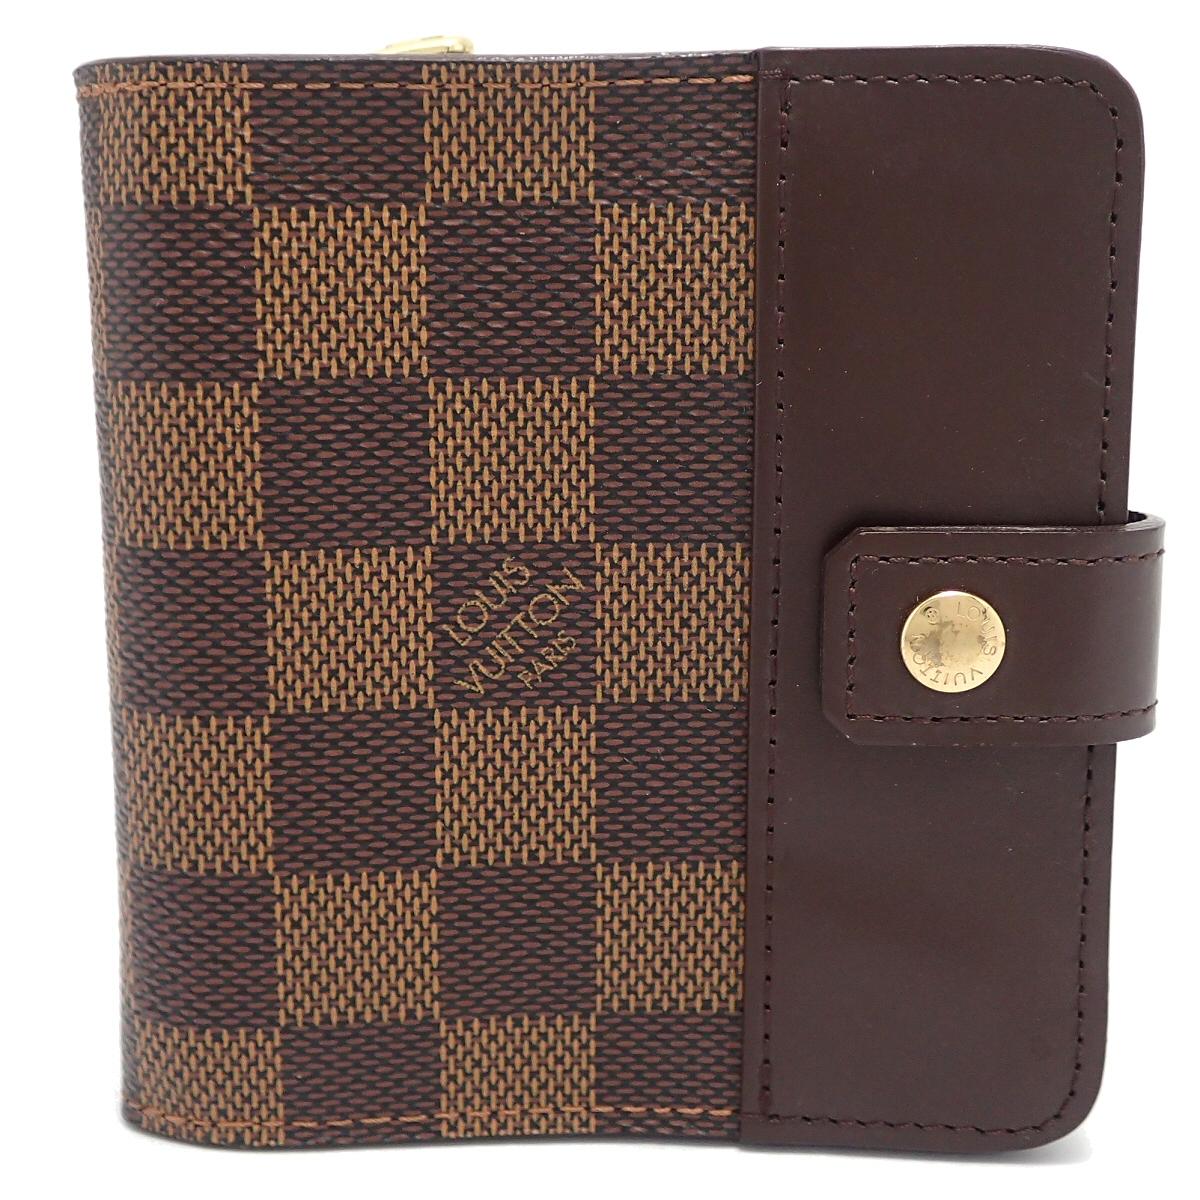 【財布】LOUIS VUITTON ルイ ヴィトン ダミエ コンパクト ジップ 2つ折財布 ラウンドファスナー N61668 【中古】【k】【Blumin 市場店】